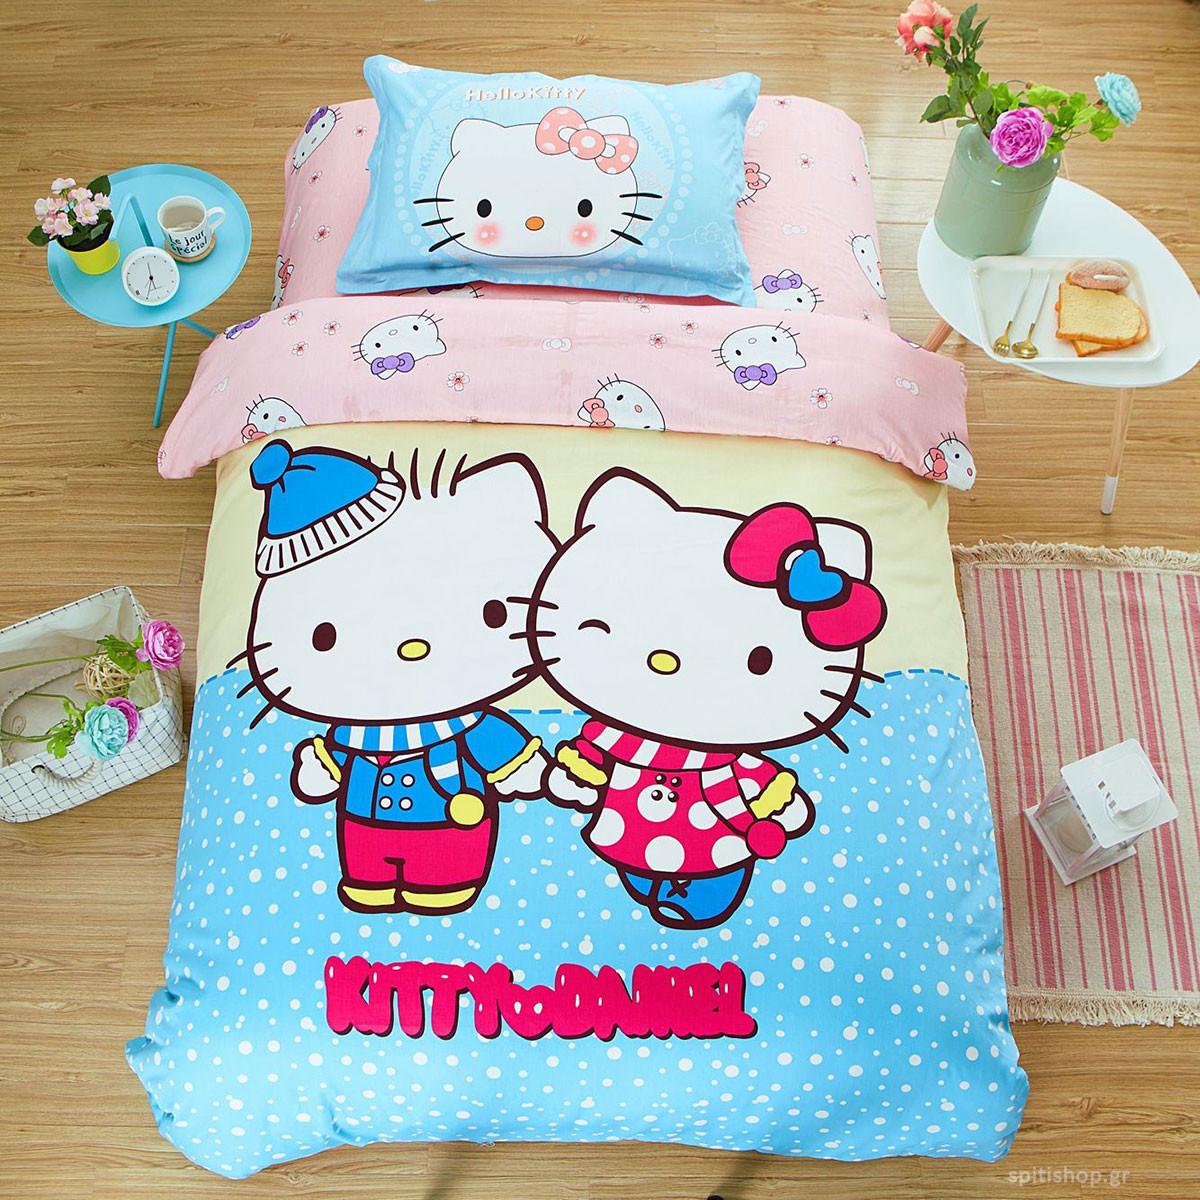 Σεντόνια Μονά (Σετ) MC Decor Kids Kitty 4758